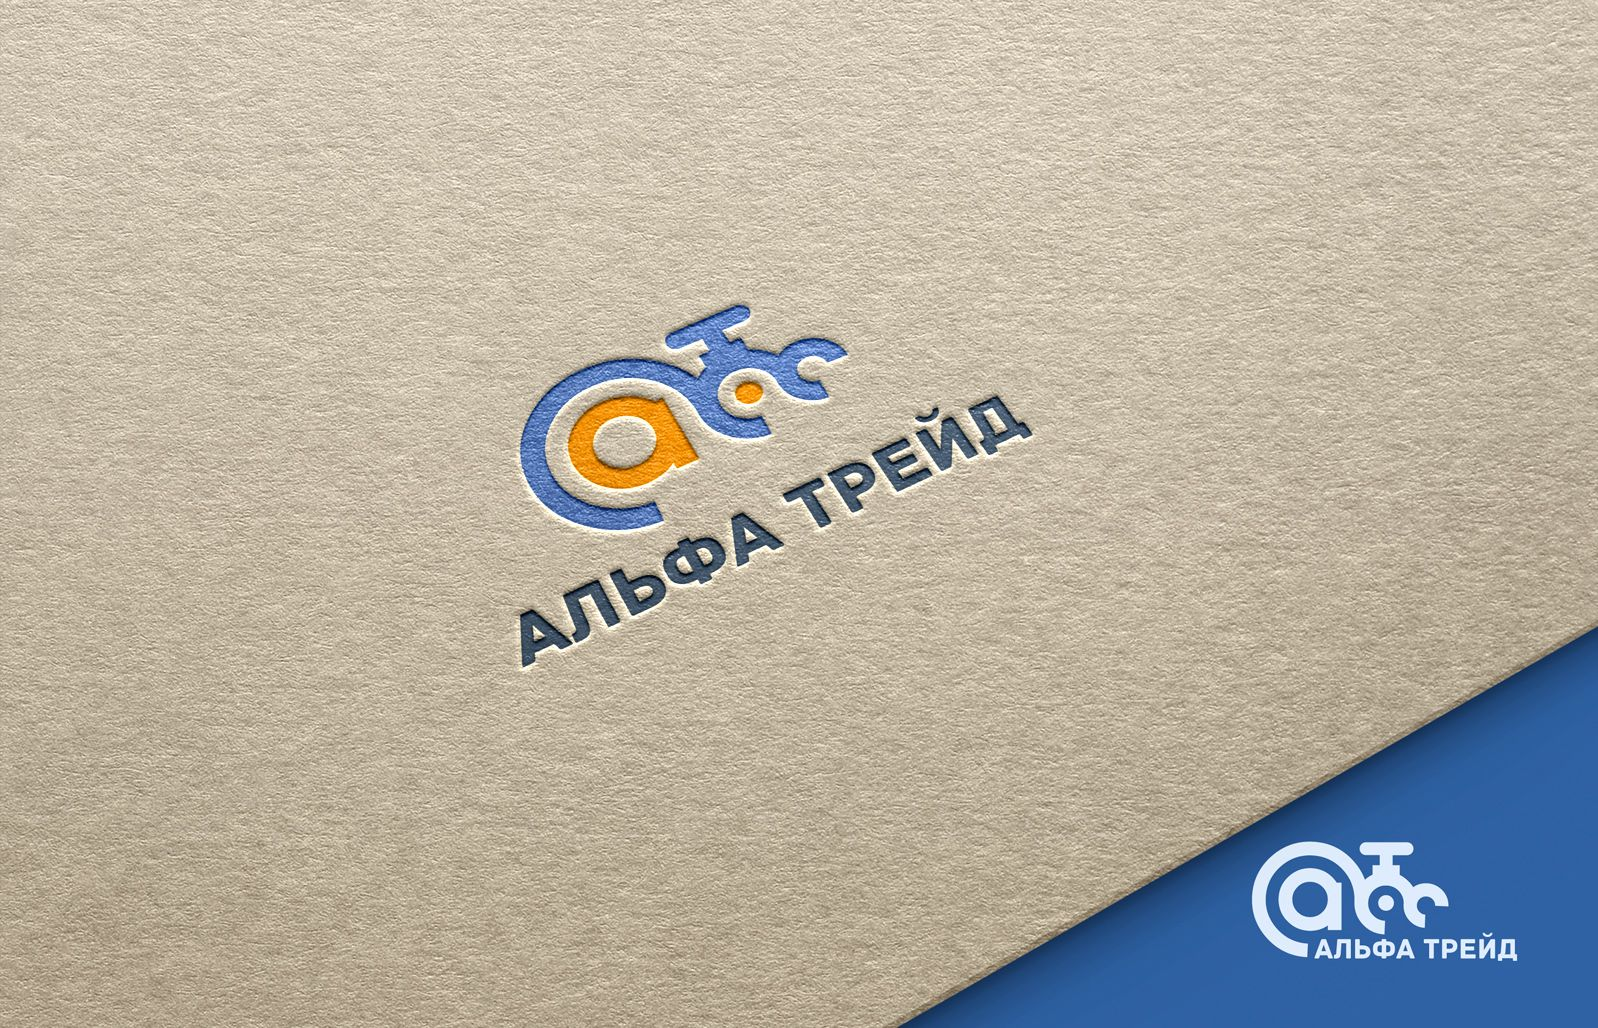 Логотип для АльфаТрейд - дизайнер andblin61